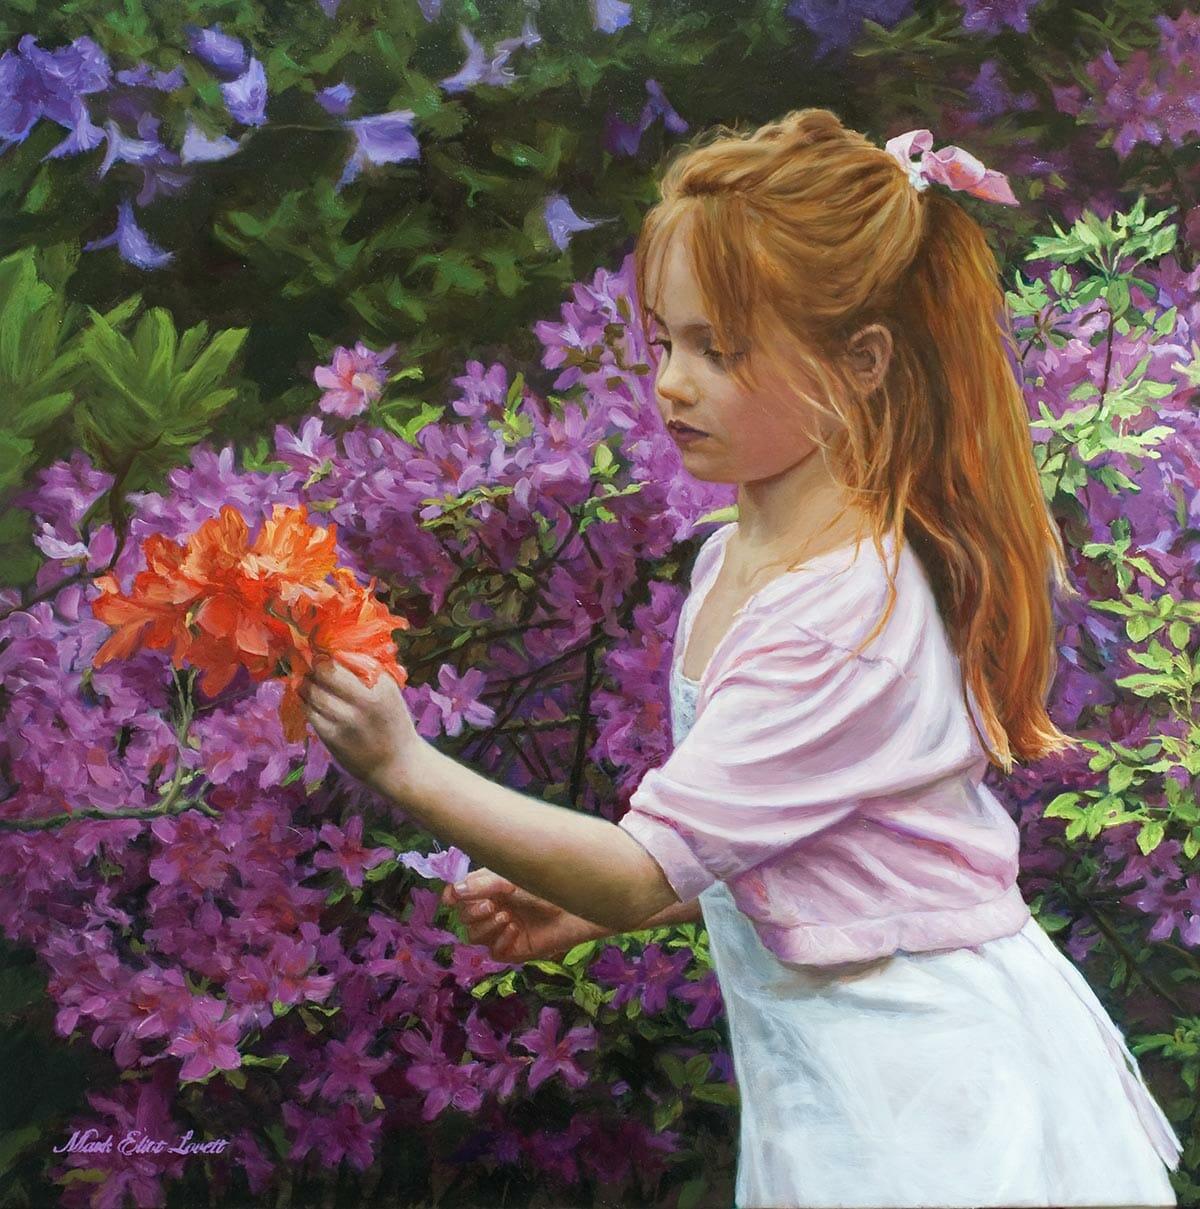 Flowers For Mom – Sold Mark Lovett Portrait Studio